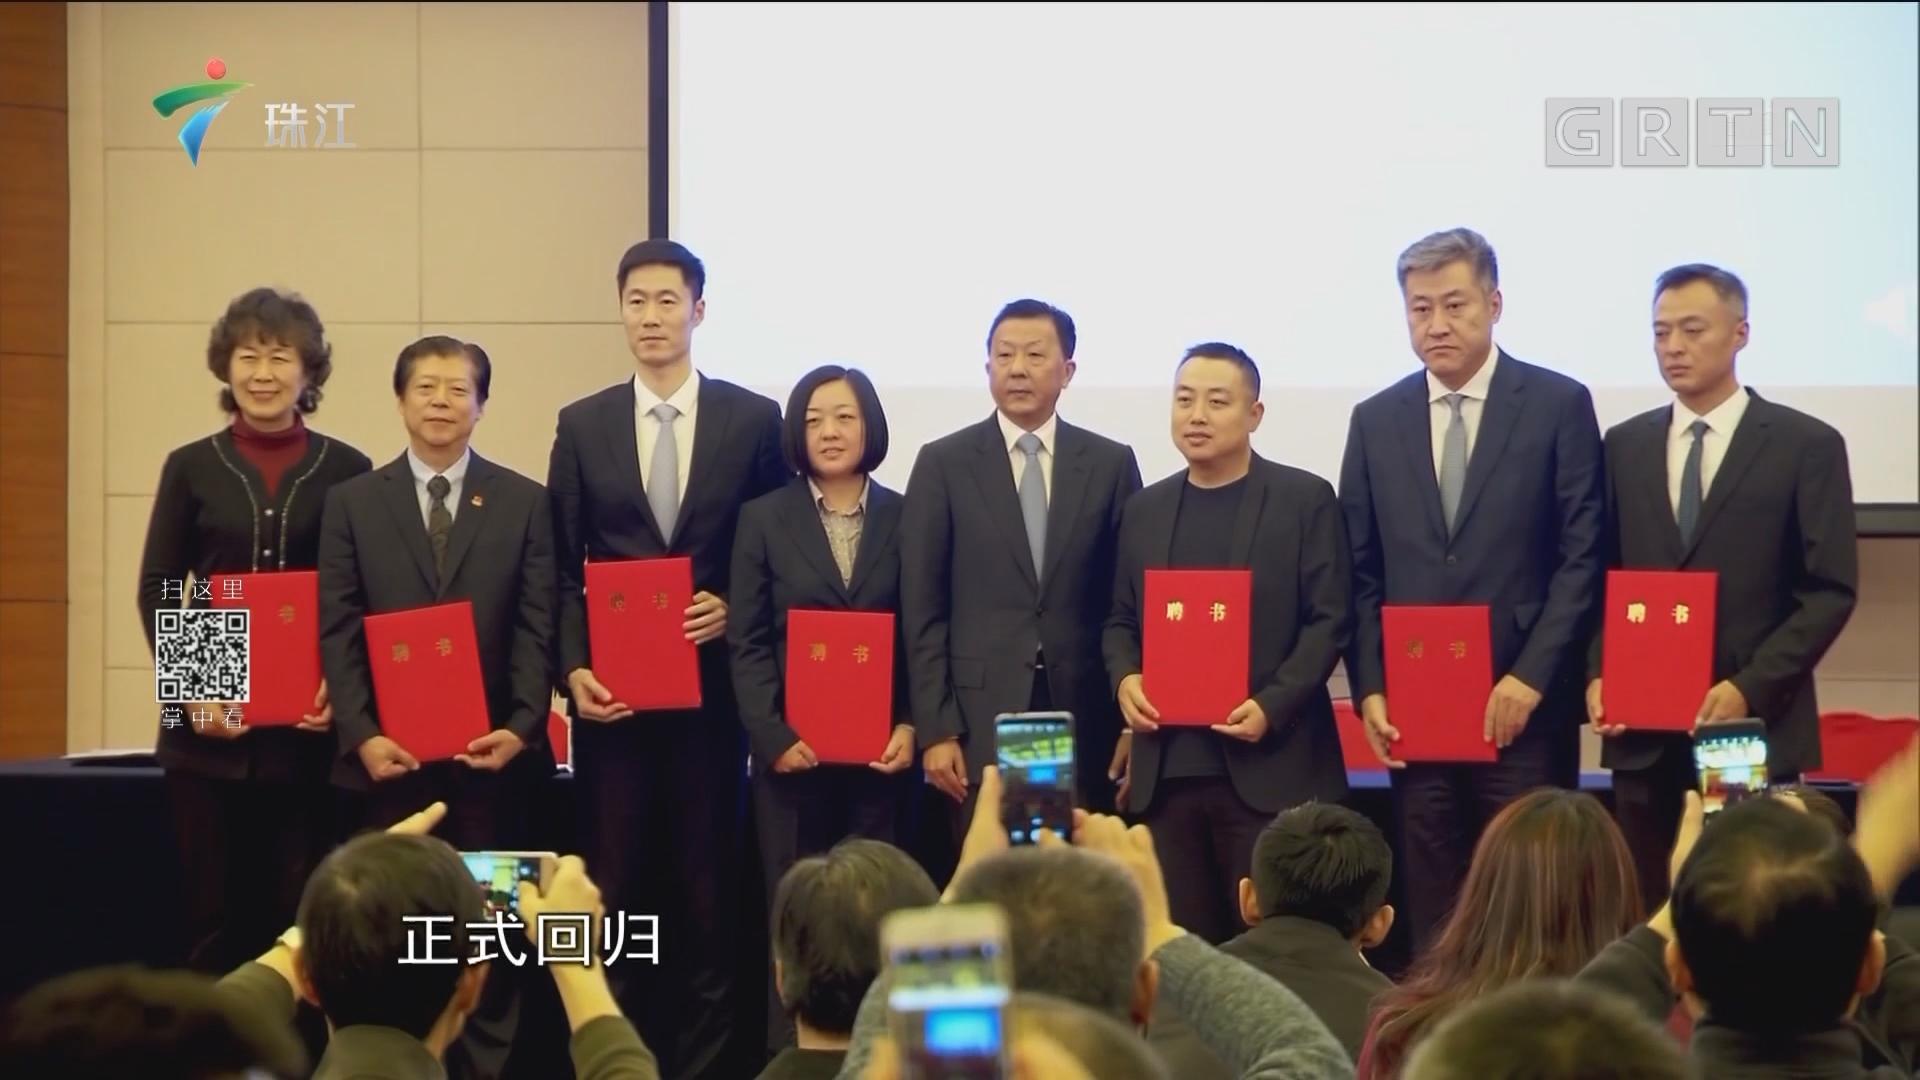 劉國梁當選中國乒協主席